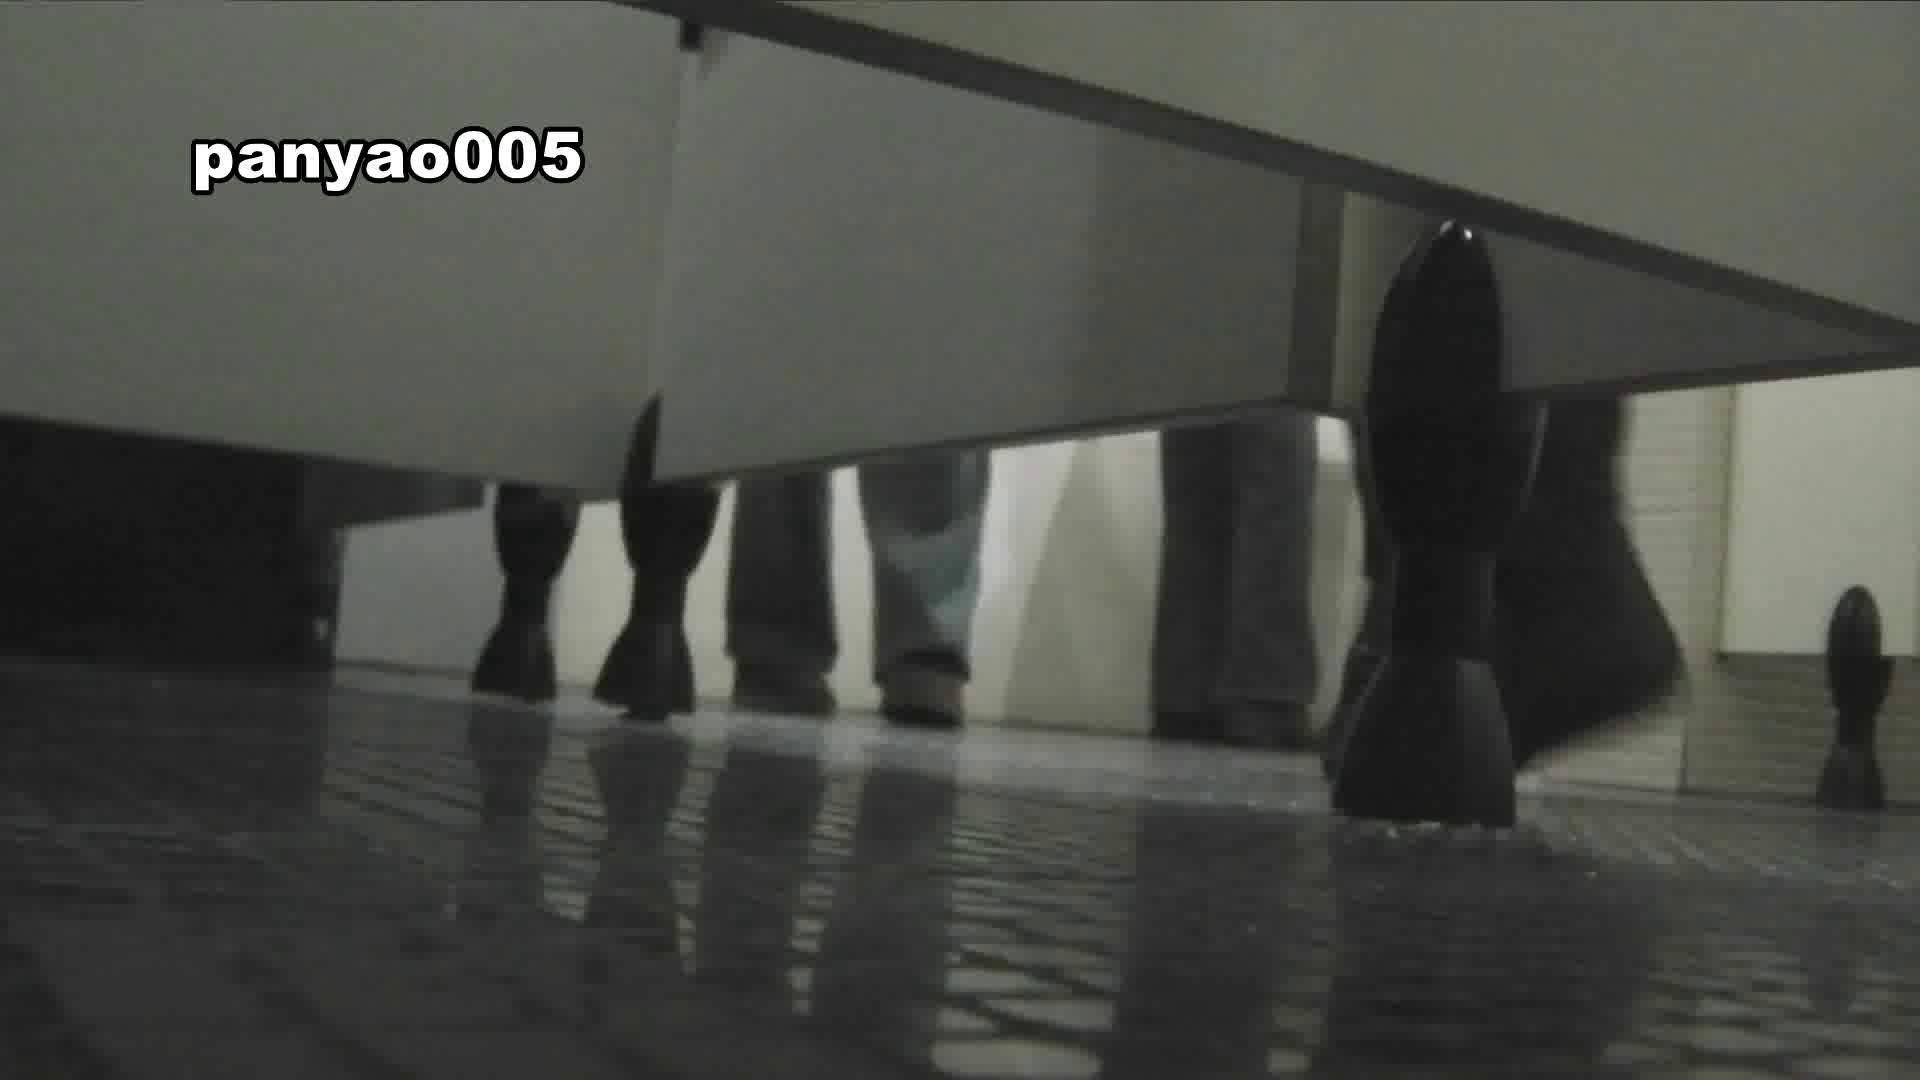 日本成人用品展览会。vol.05 そんな格好で… 潜入突撃  96pic 51